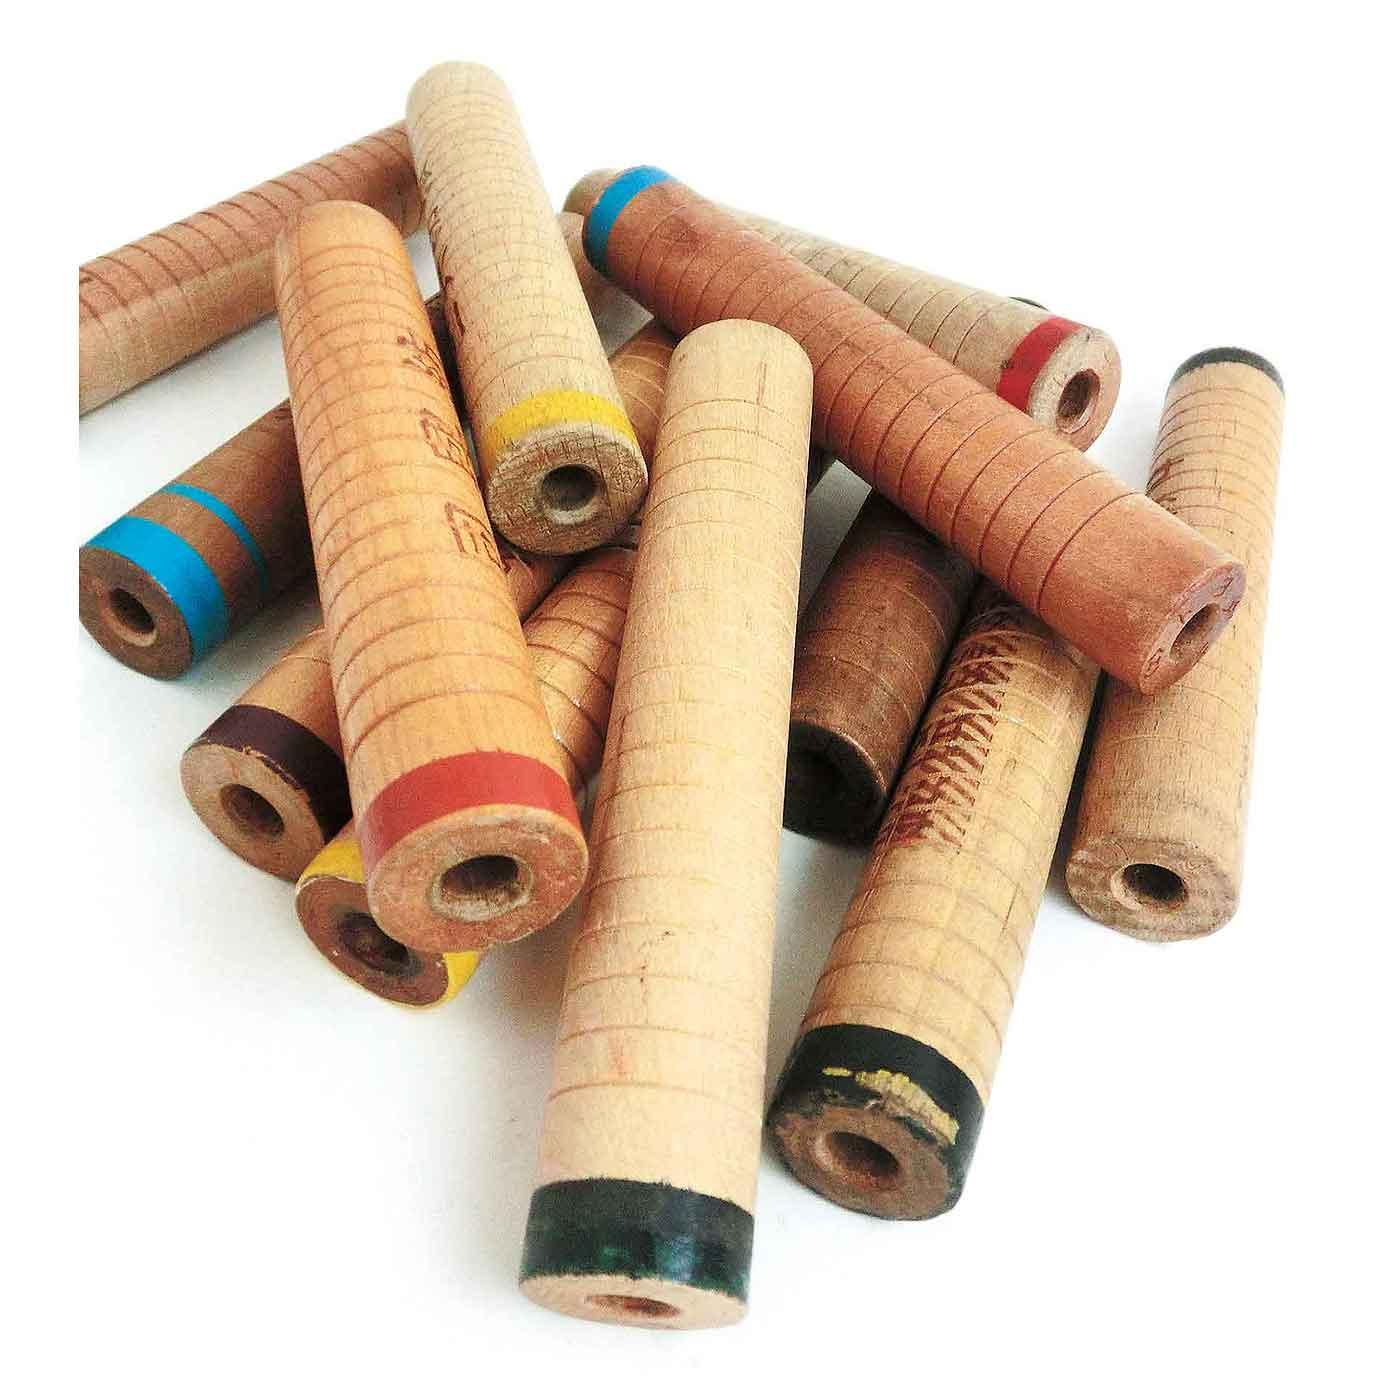 紡績工場の片すみで、長い間、存在を忘れ去られ、眠っていた古い木製糸巻き。たくさんの職人たちの手にふれ、使い込まれていた道具を、生まれ変わったあとにも糸巻きとしての長い歴史と記憶を伝えられるようなアクセサリーに、と考えました。